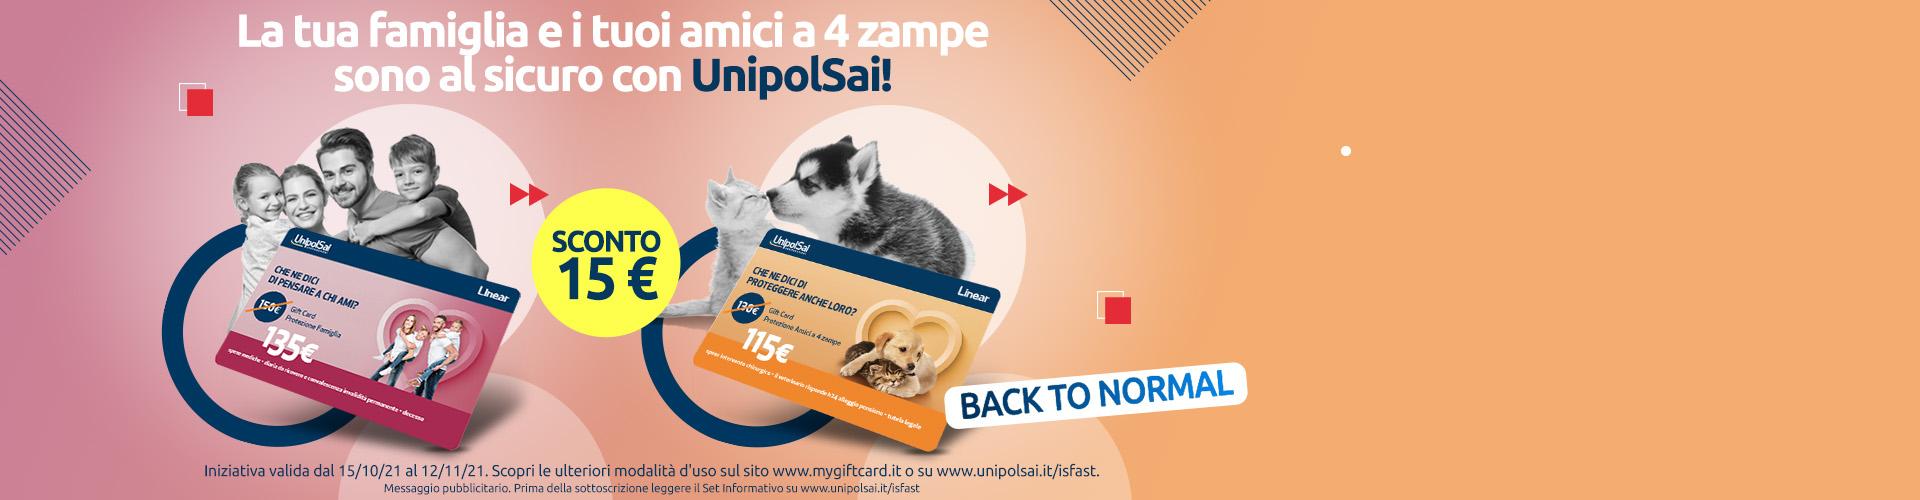 Unipol Promo